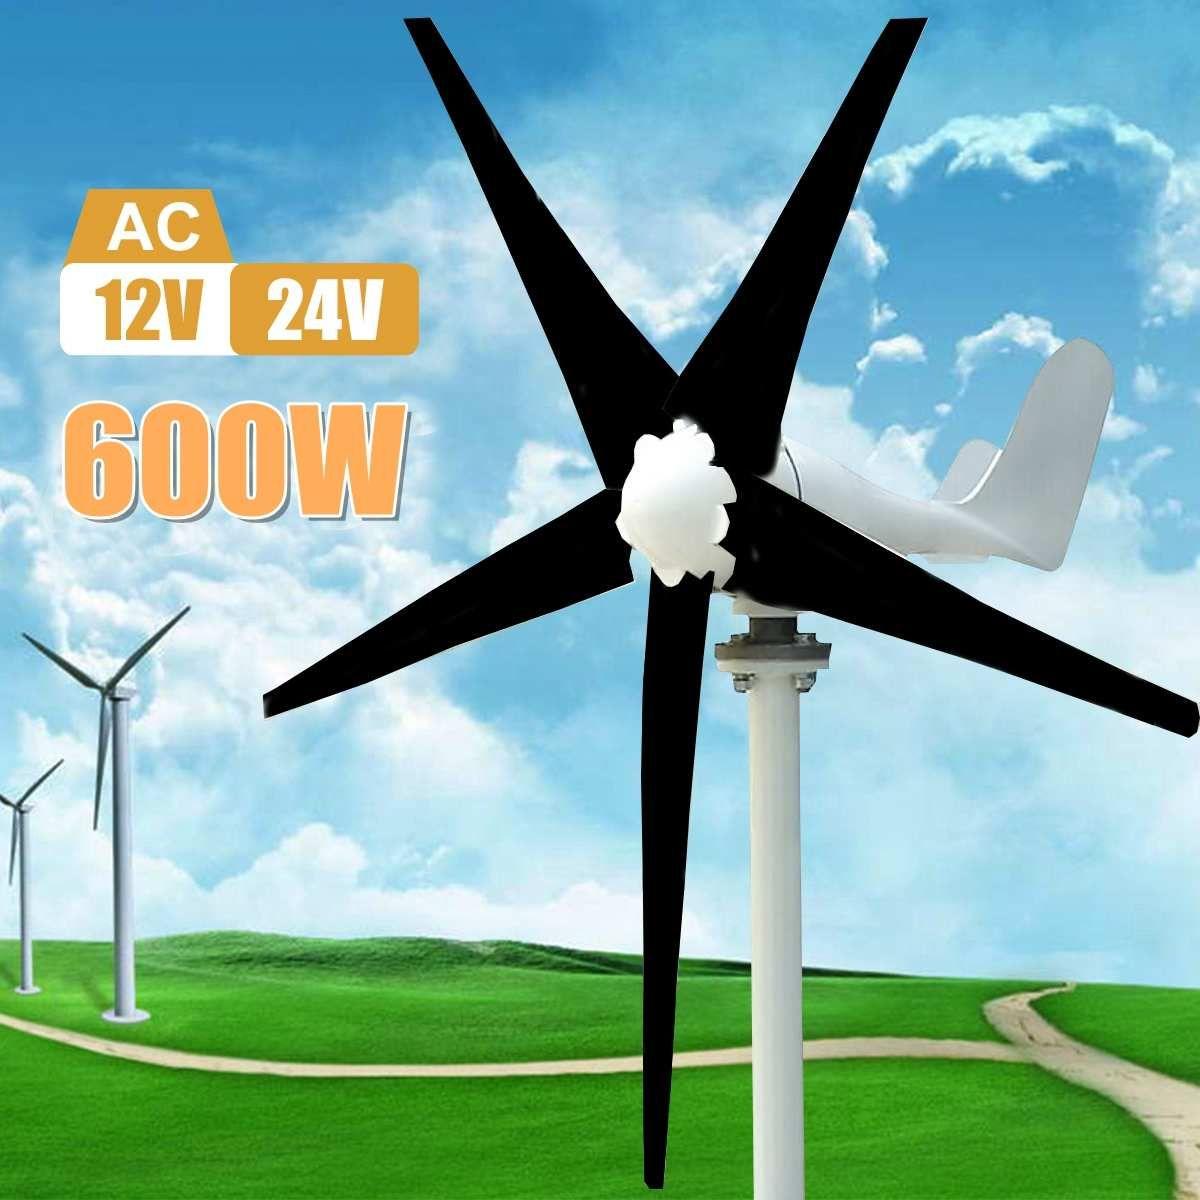 Max 600 watt Wind Turbine Generator AC 12 v/24 v 5 Klinge Power Versorgung Generator für Home Hybrid straßenbeleuchtung verwenden Kits